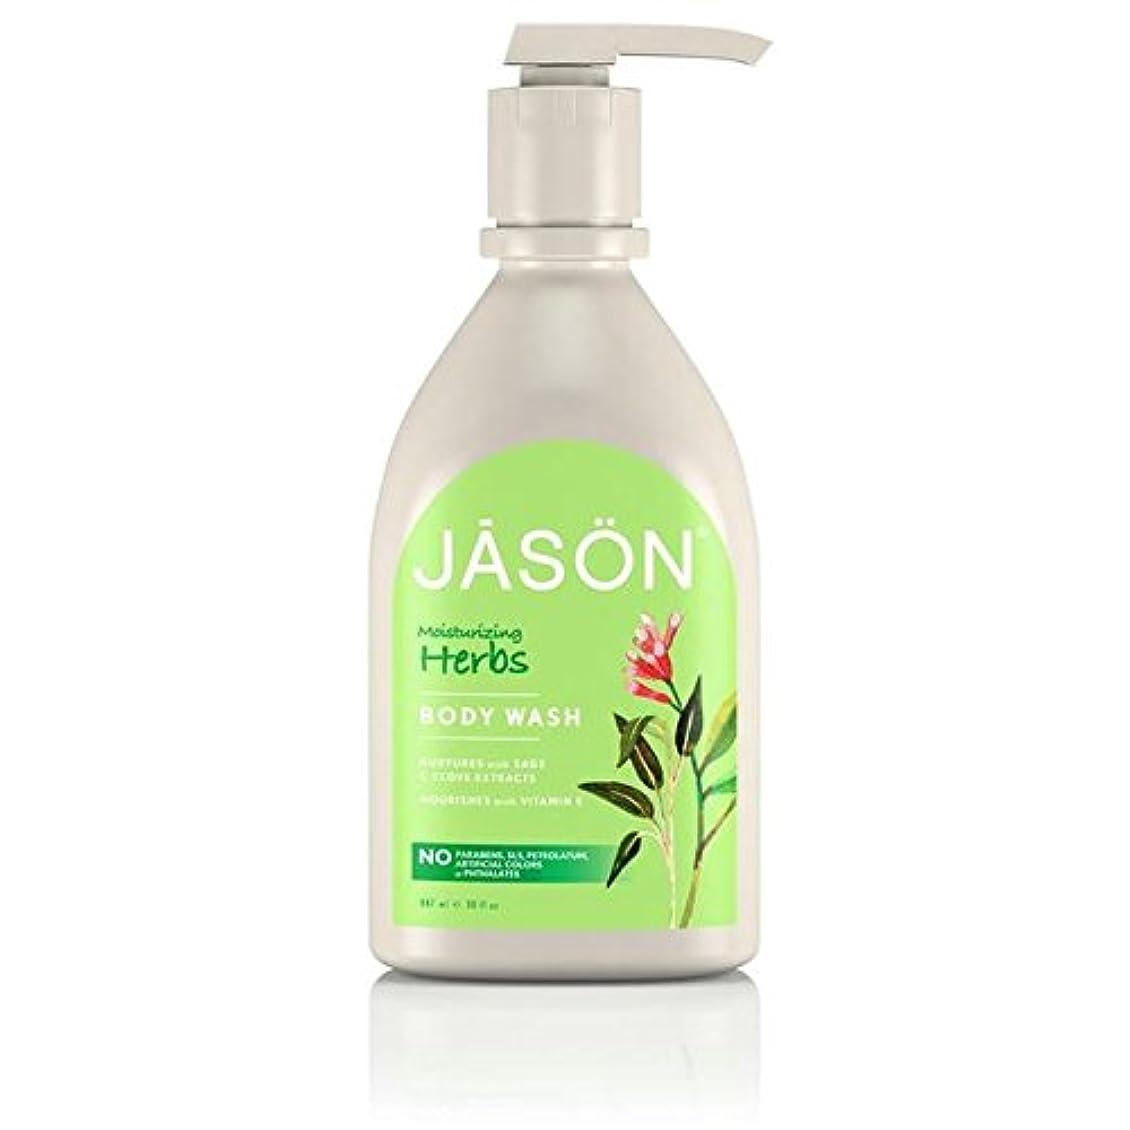 補償ビジョン練るジェイソン?ハーブサテンボディウォッシュポンプ900ミリリットル x2 - Jason Herbal Satin Body Wash Pump 900ml (Pack of 2) [並行輸入品]